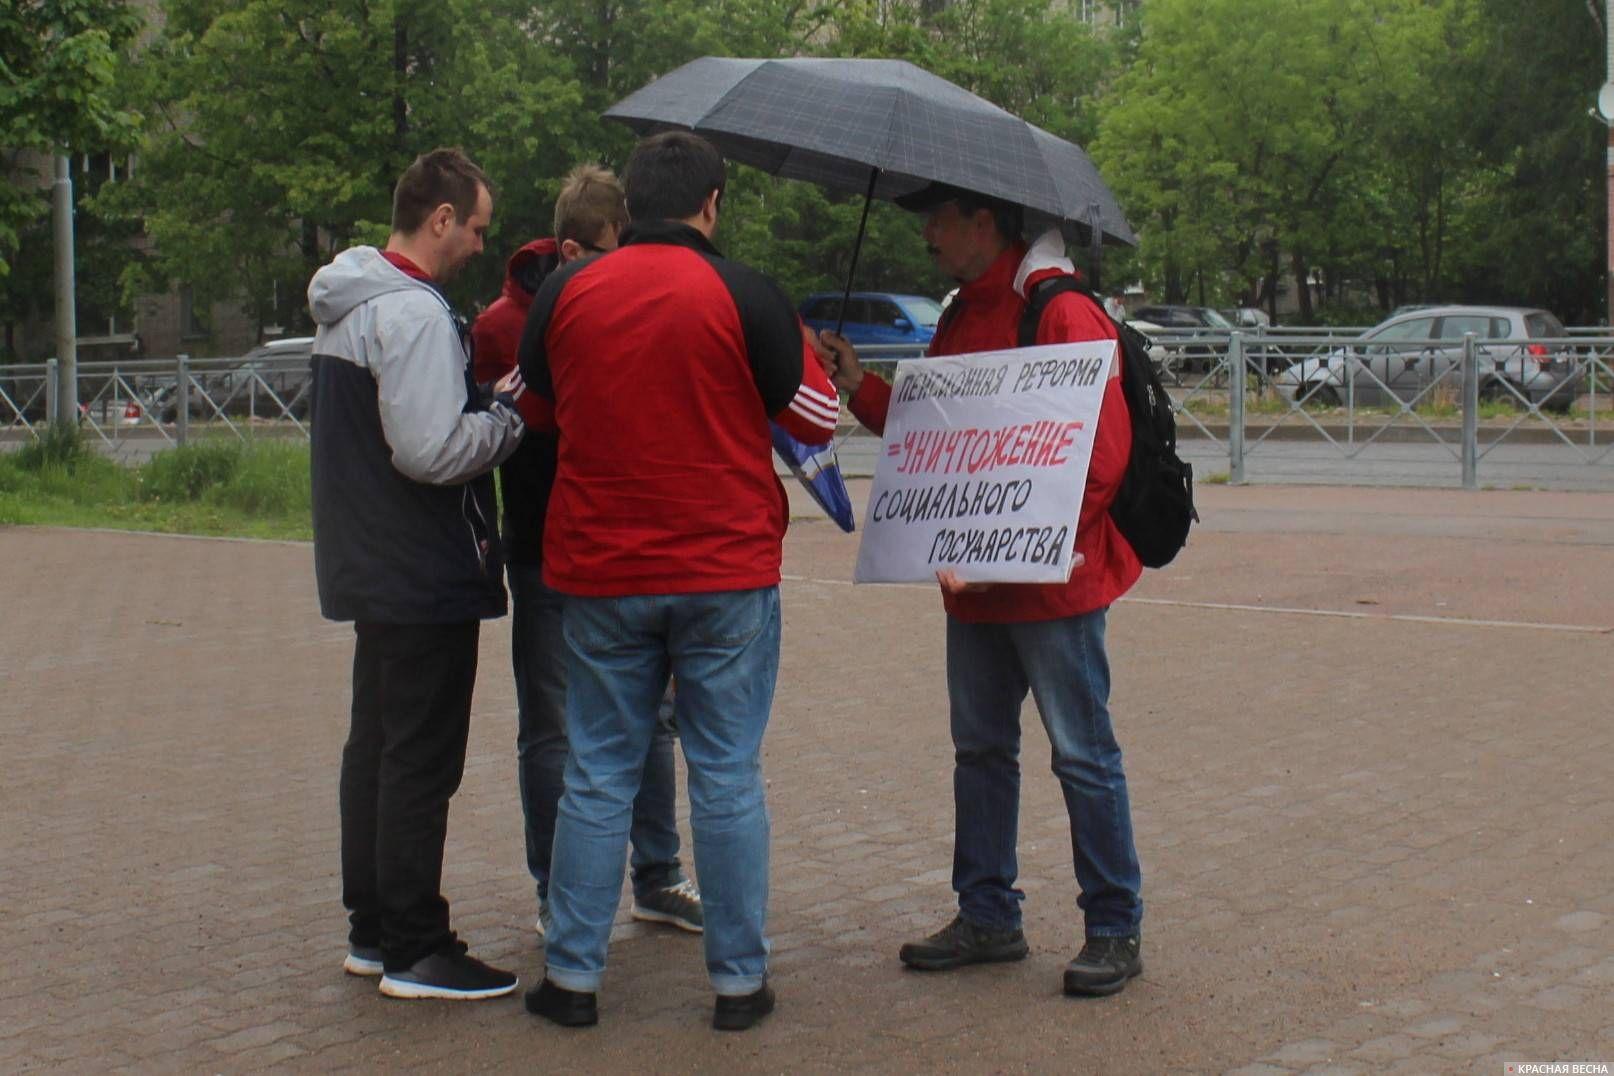 Пикет против пенсионной реформы. 2 июня, Выборг